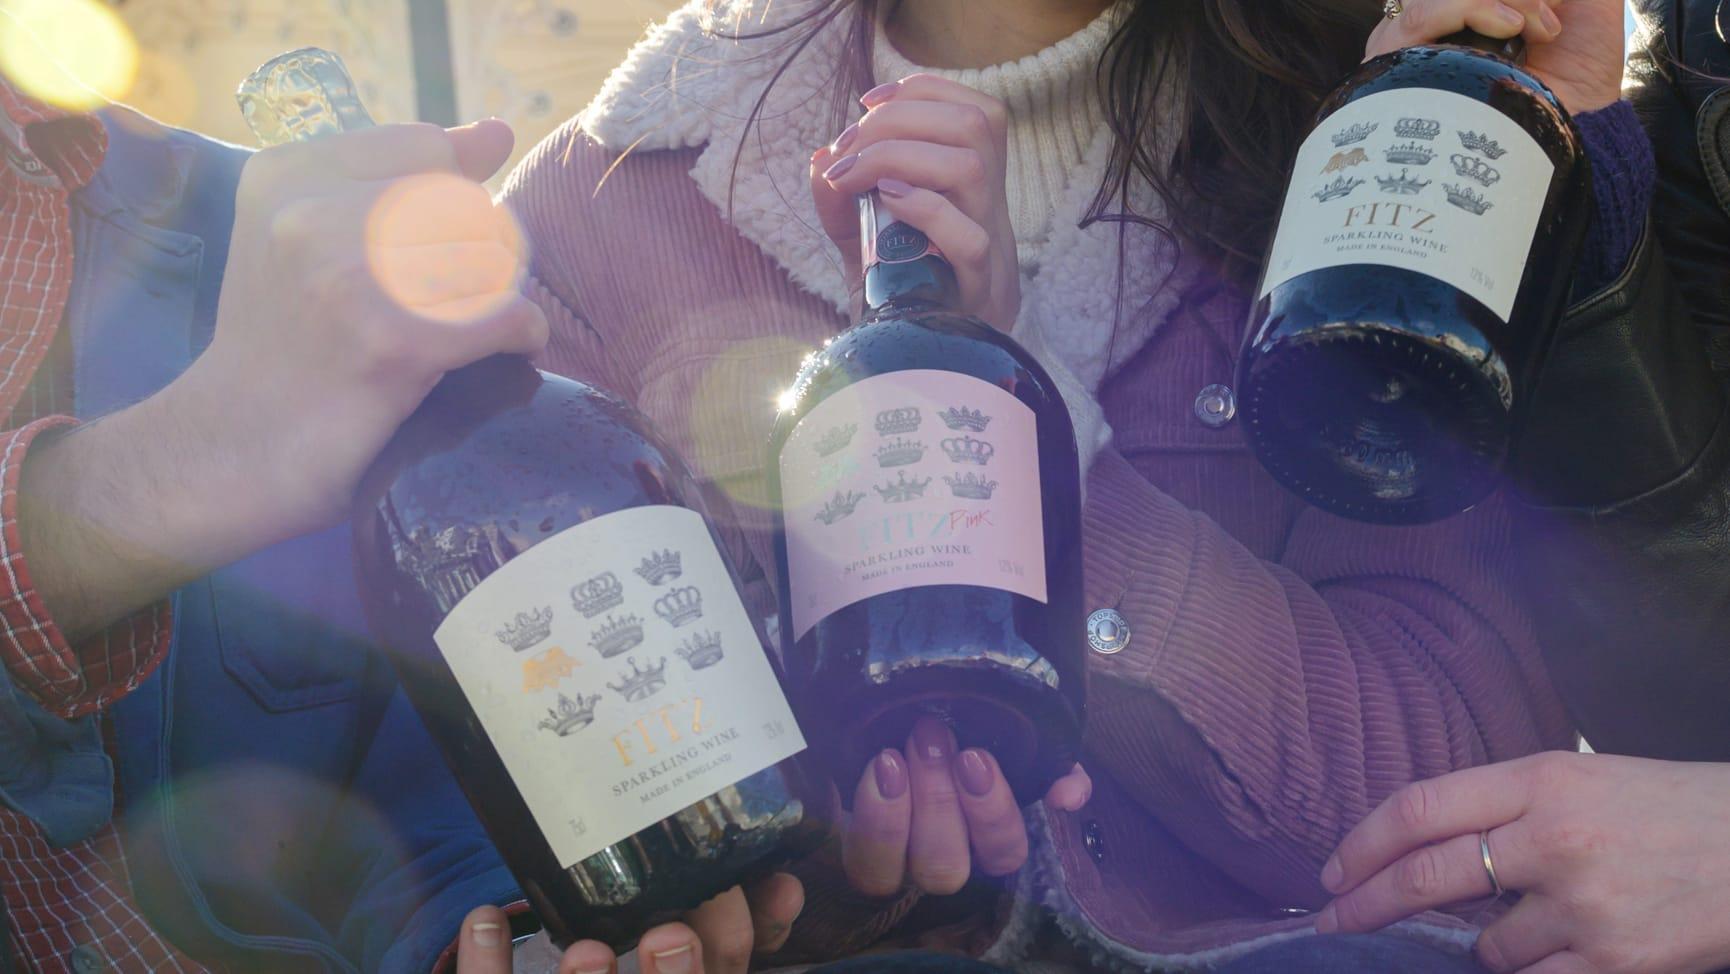 Fitz White and Fitz Pink British Sparkling Wine